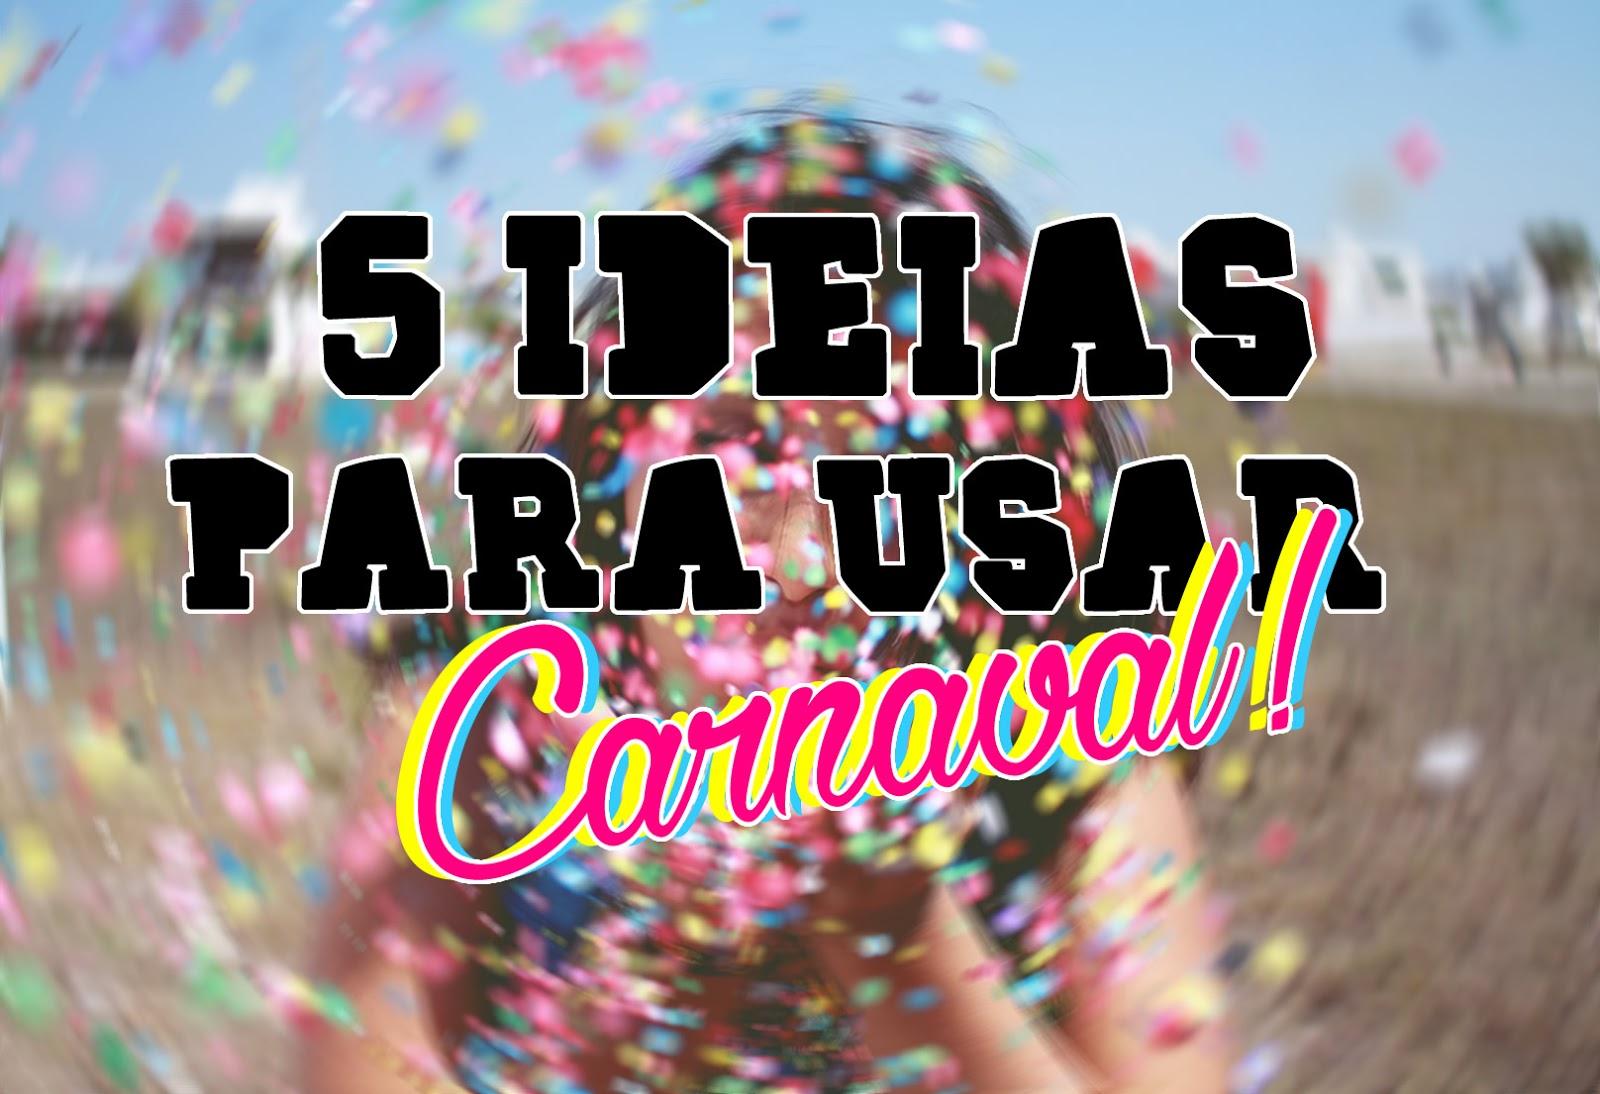 ideias para fazer carnaval,moda,masculina (1)